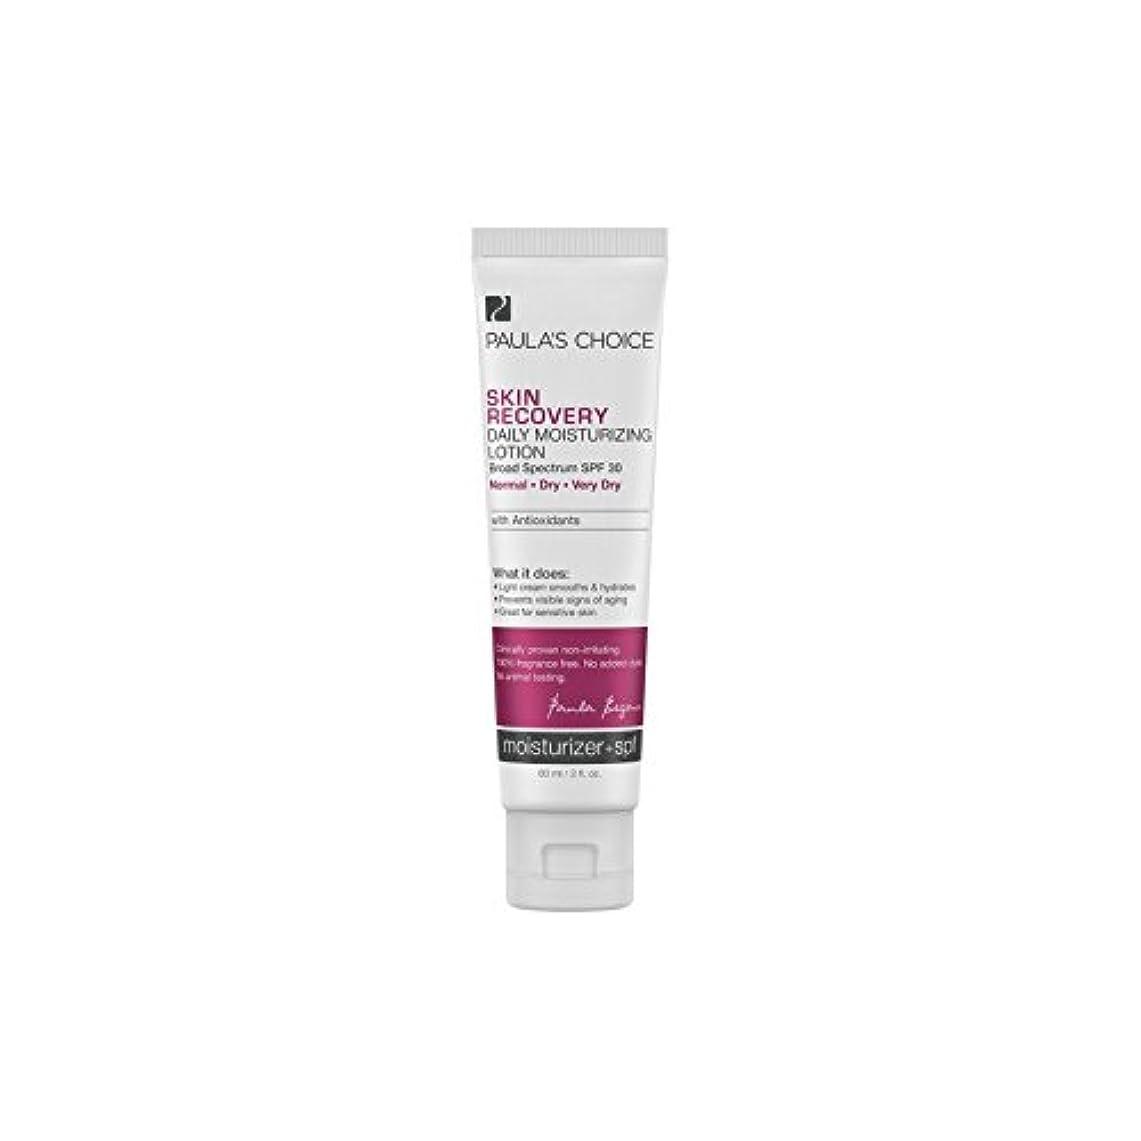 重さリボンわずかなPaula's Choice Skin Recovery Daily Moisturizing Lotion Spf30 (60ml) (Pack of 6) - ポーラチョイスの肌の回復毎日の保湿ローション30(60ミリリットル...